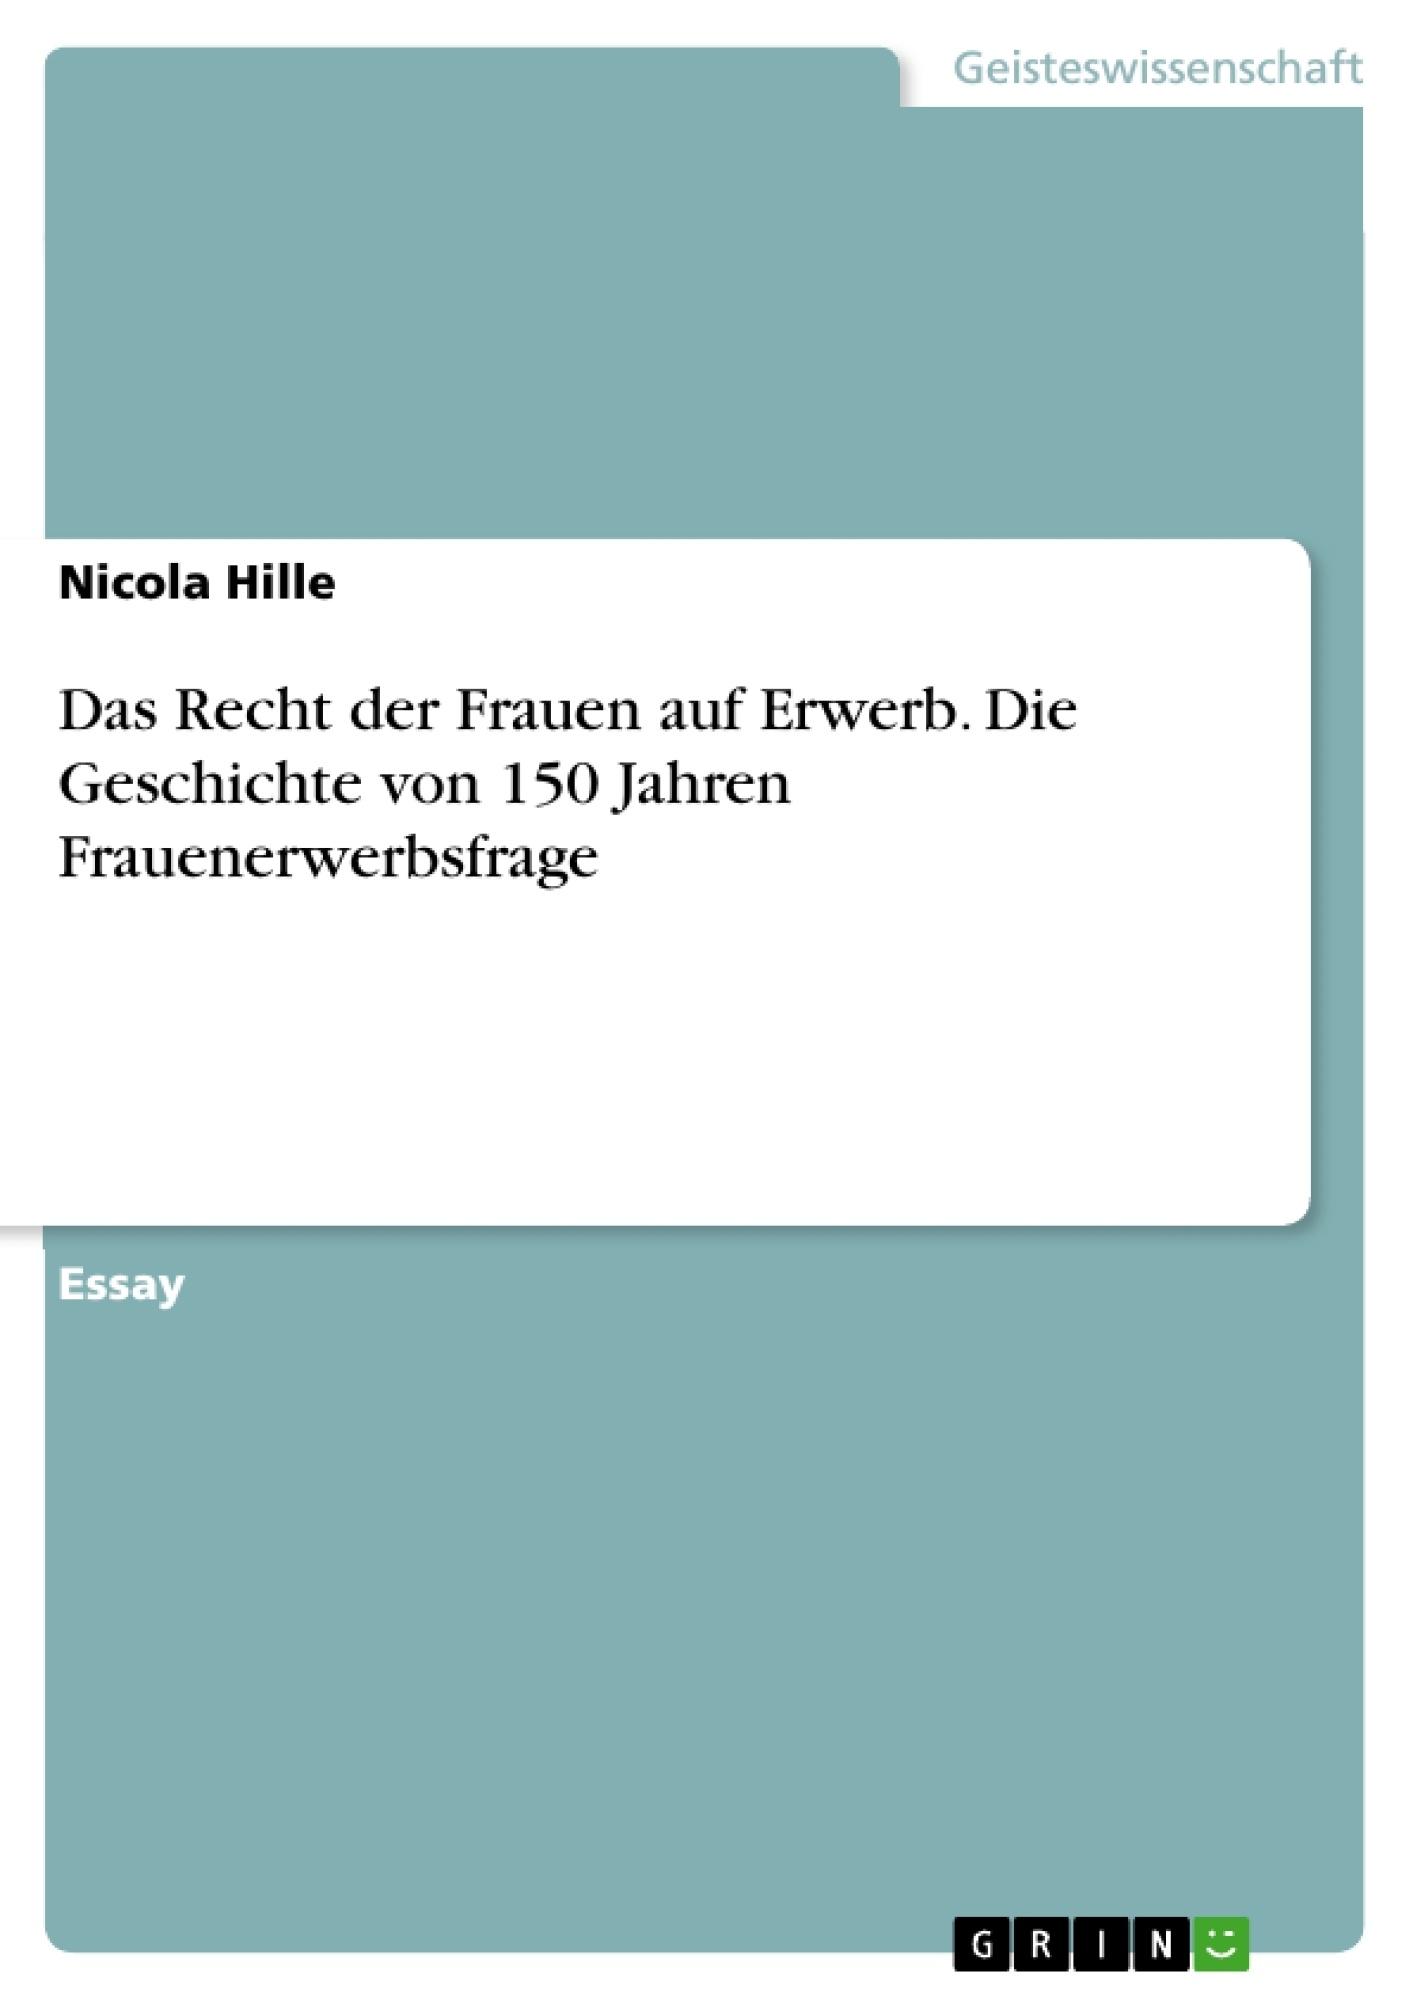 Titel: Das Recht der Frauen auf Erwerb. Die Geschichte von 150 Jahren Frauenerwerbsfrage